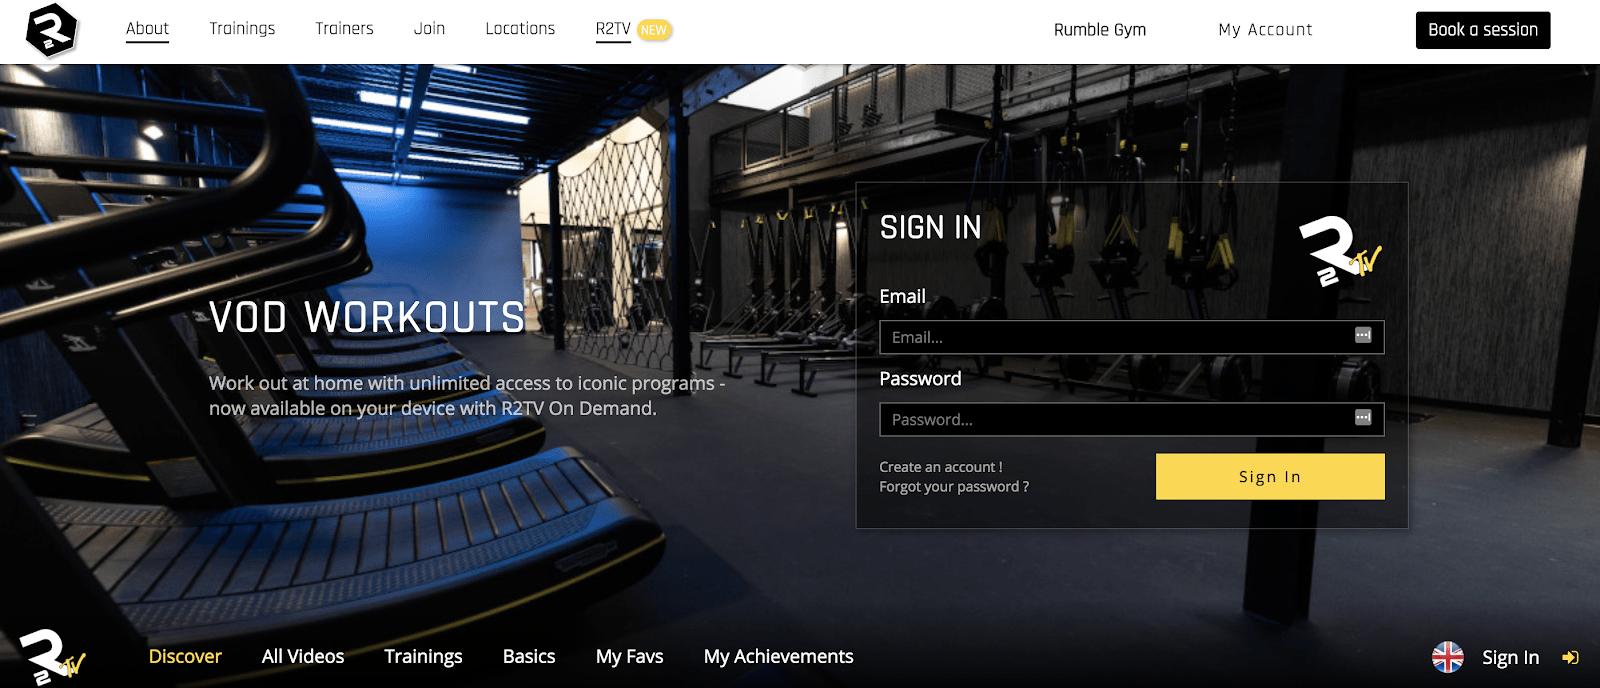 online-fitness-studio